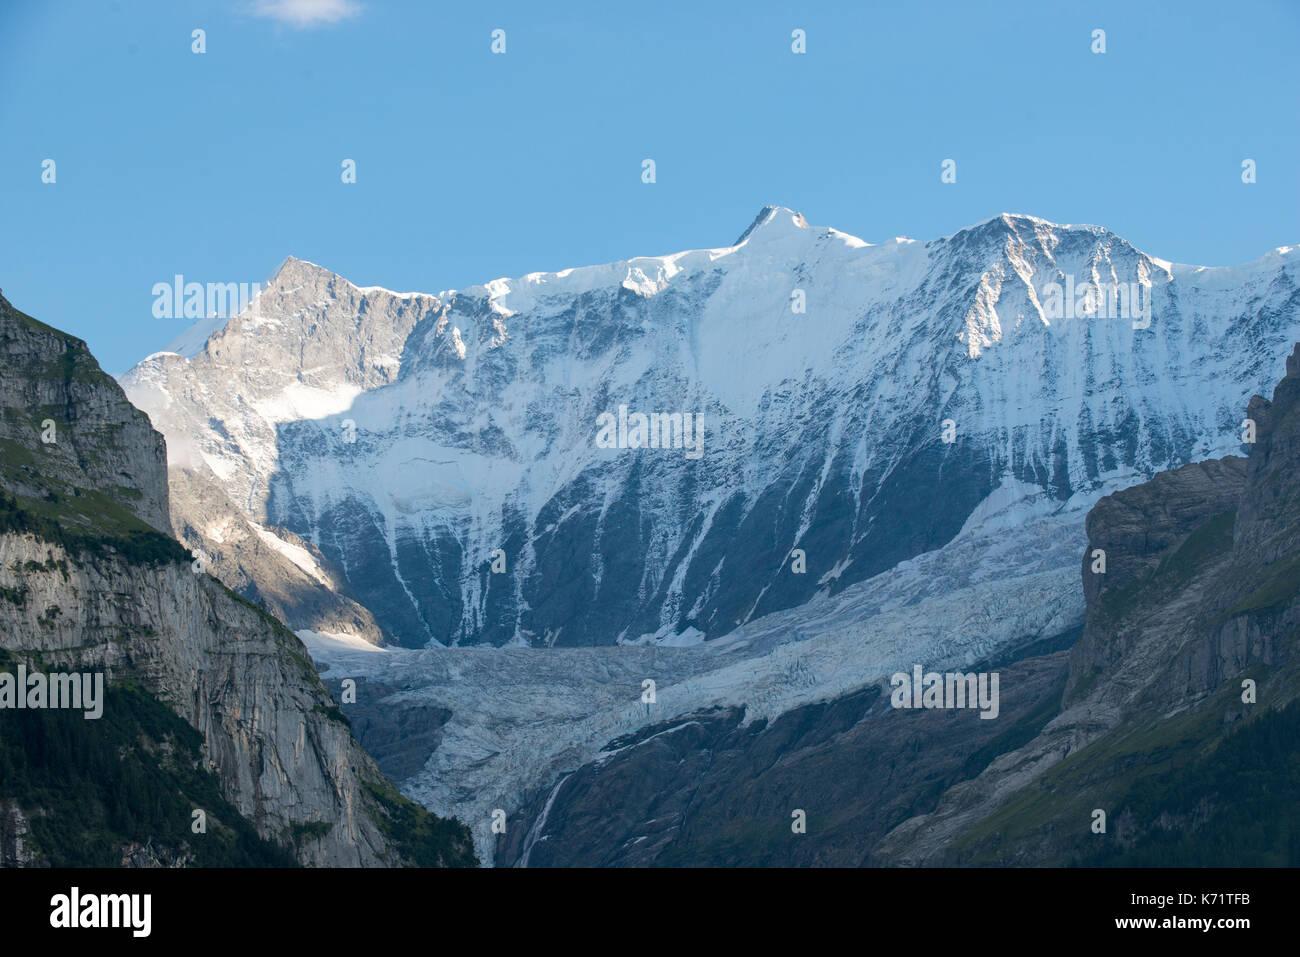 Blick in das Tal der Untere Grindelwald Gletscher (Gletscher), Grindelwald, Schweiz Stockbild